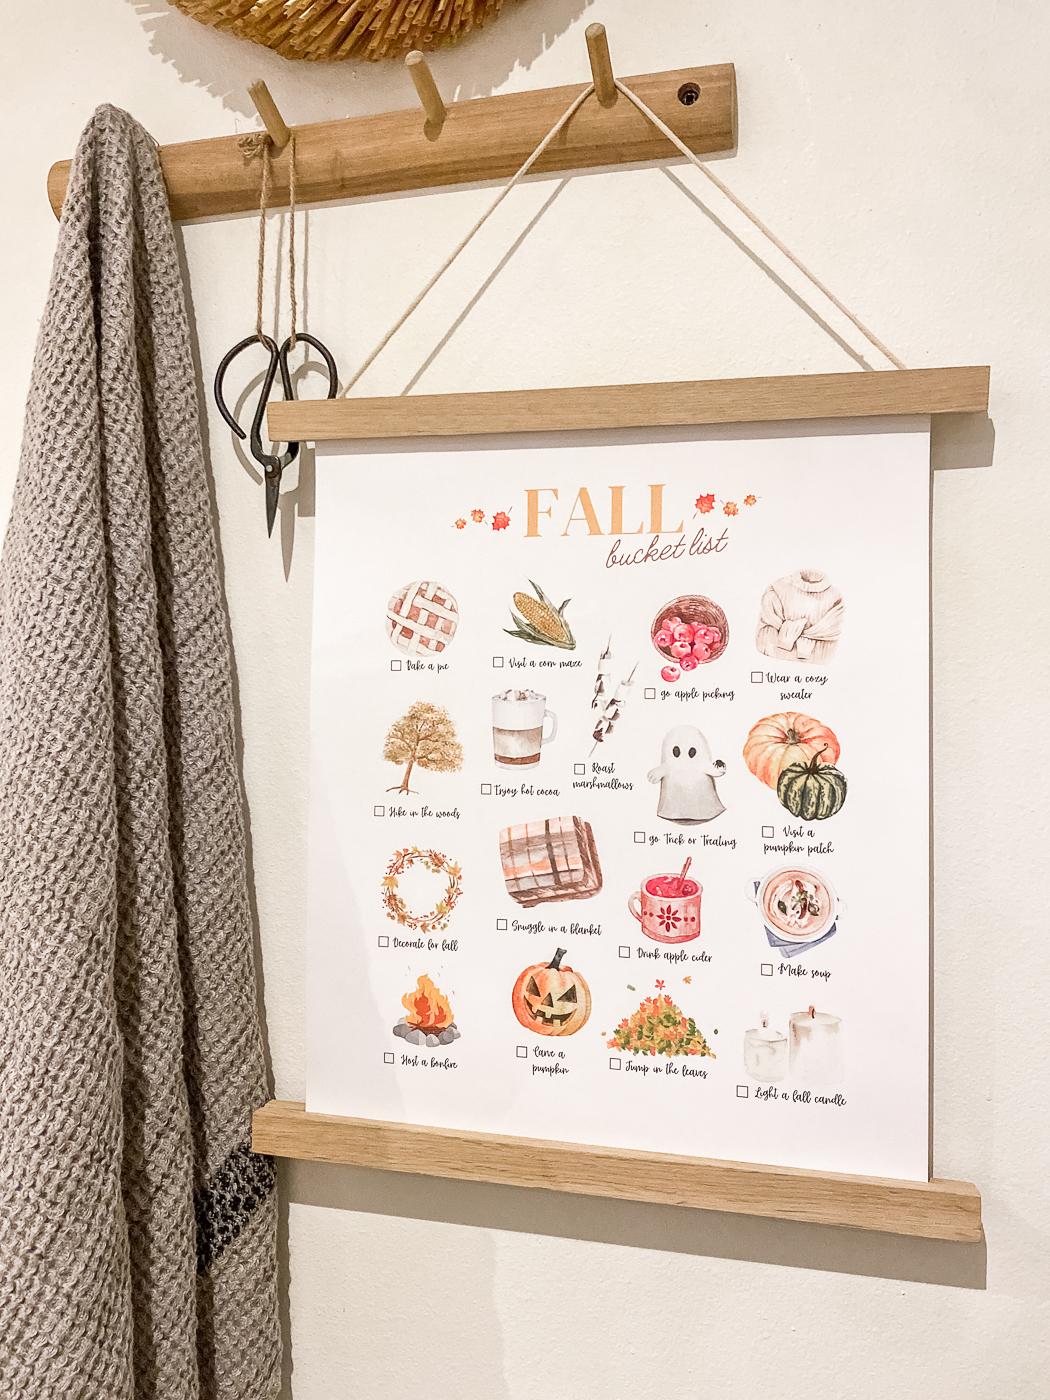 free fall printable wall art, fall printable art, fall printable decor, fall bucket list printable